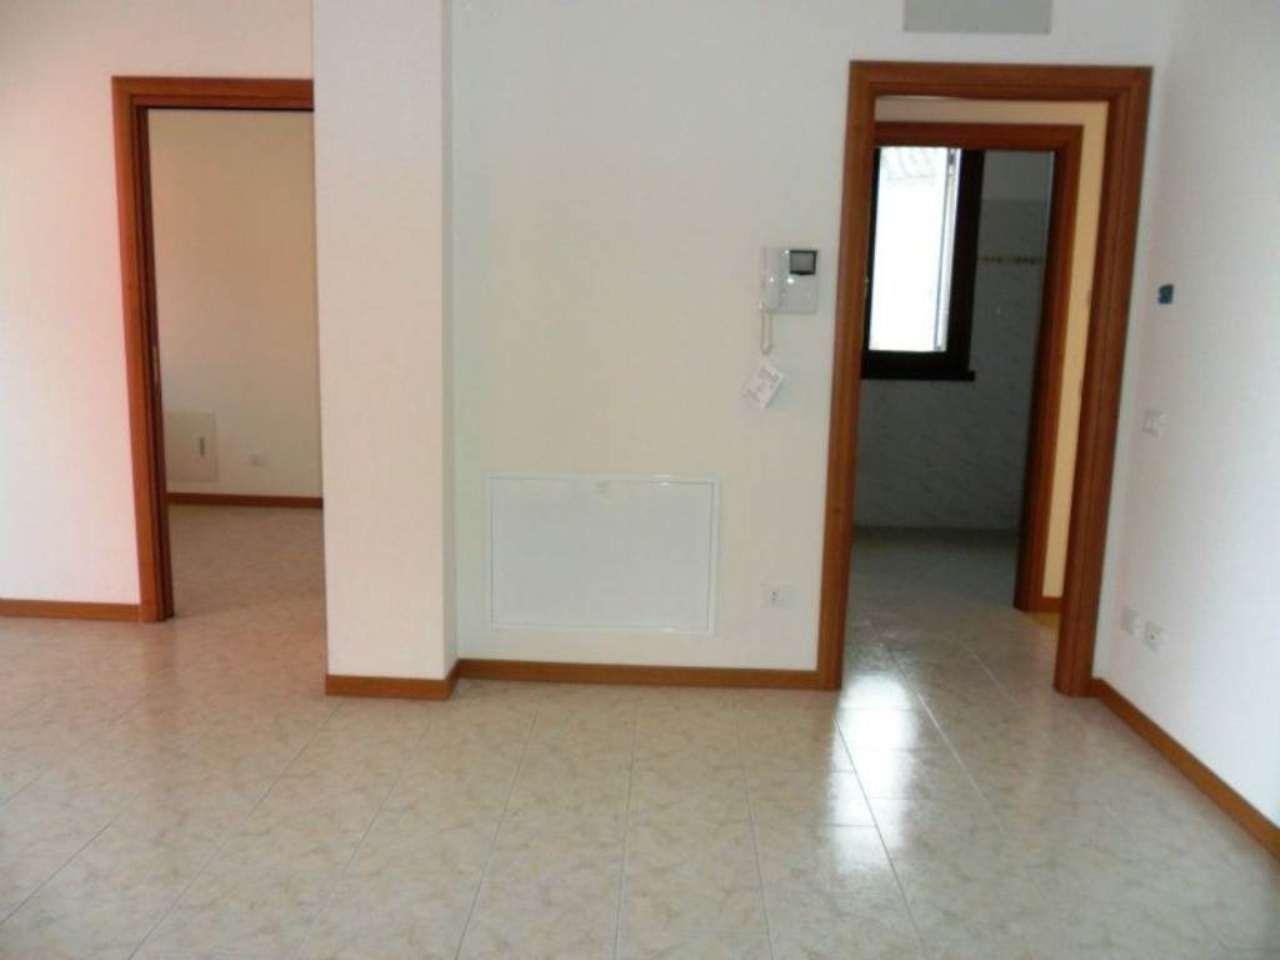 Appartamento in vendita a Fontevivo, 3 locali, prezzo € 155.000 | Cambio Casa.it